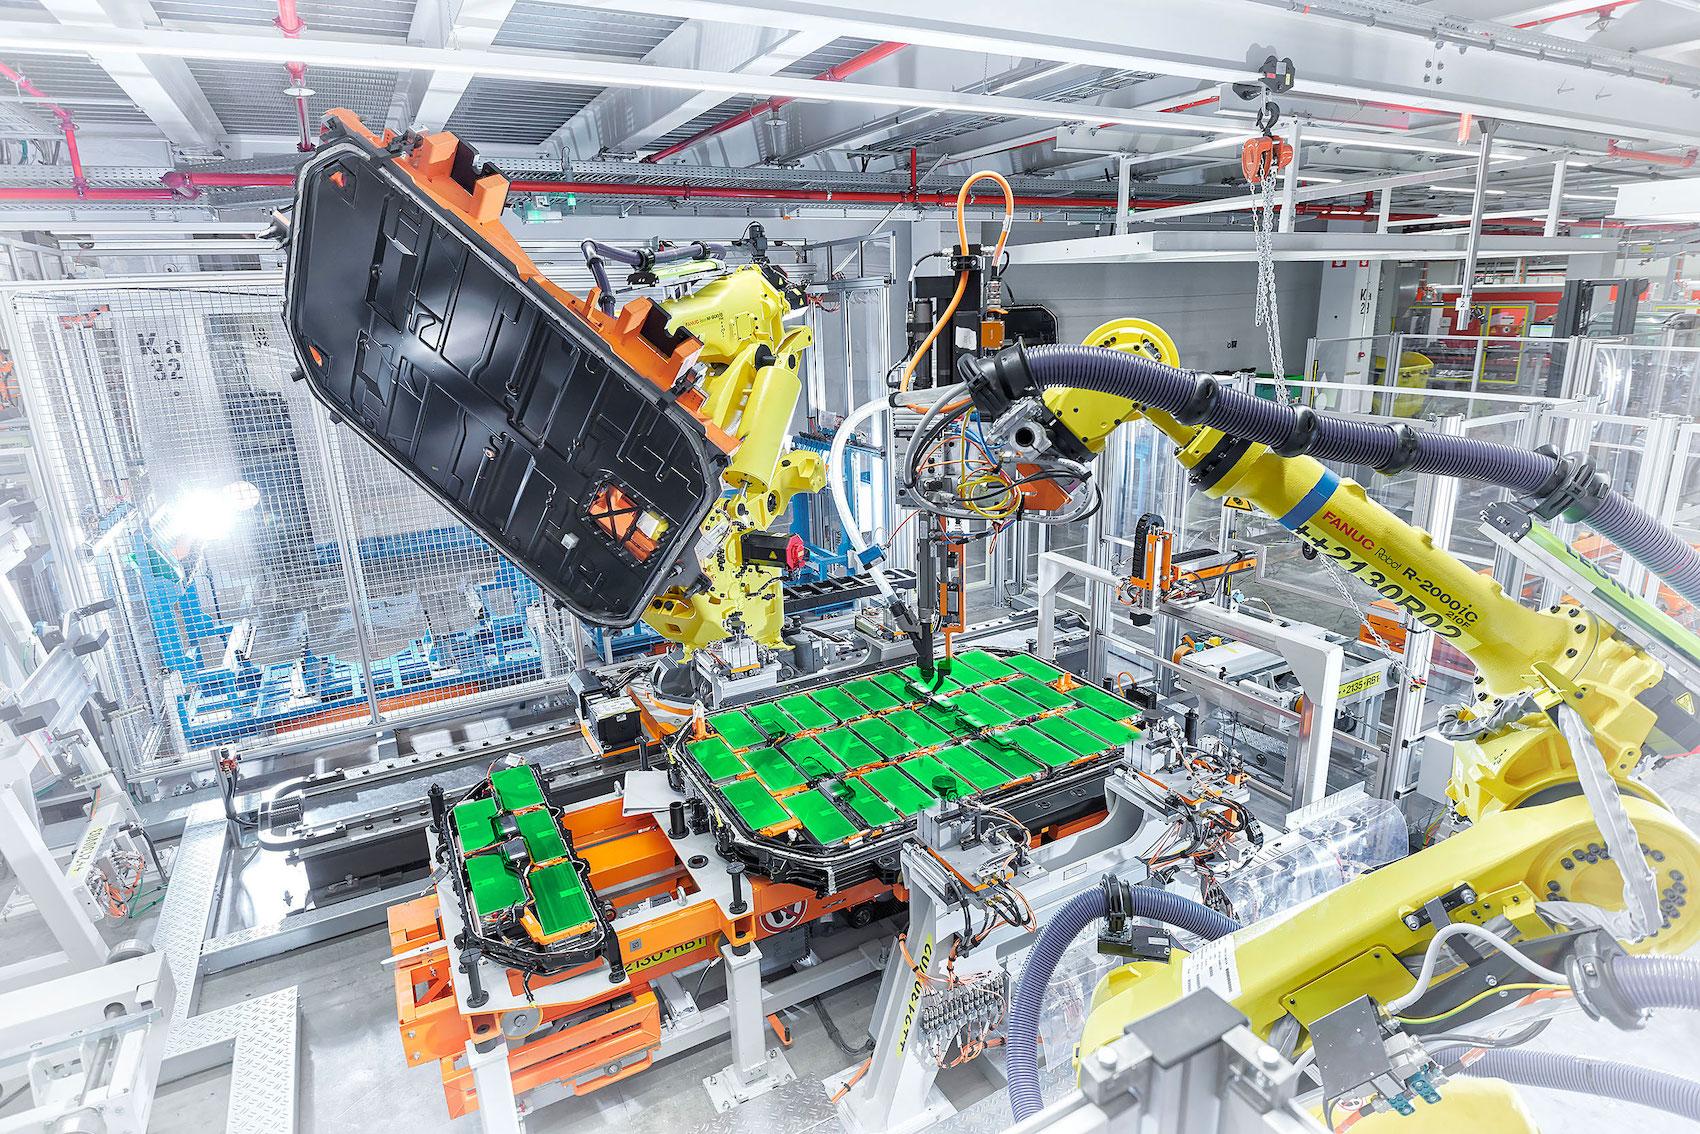 Les cellules des batteries sont montées dans l'usine AUDI de Bruxelles. (AUDI/traitement Brand Studio)